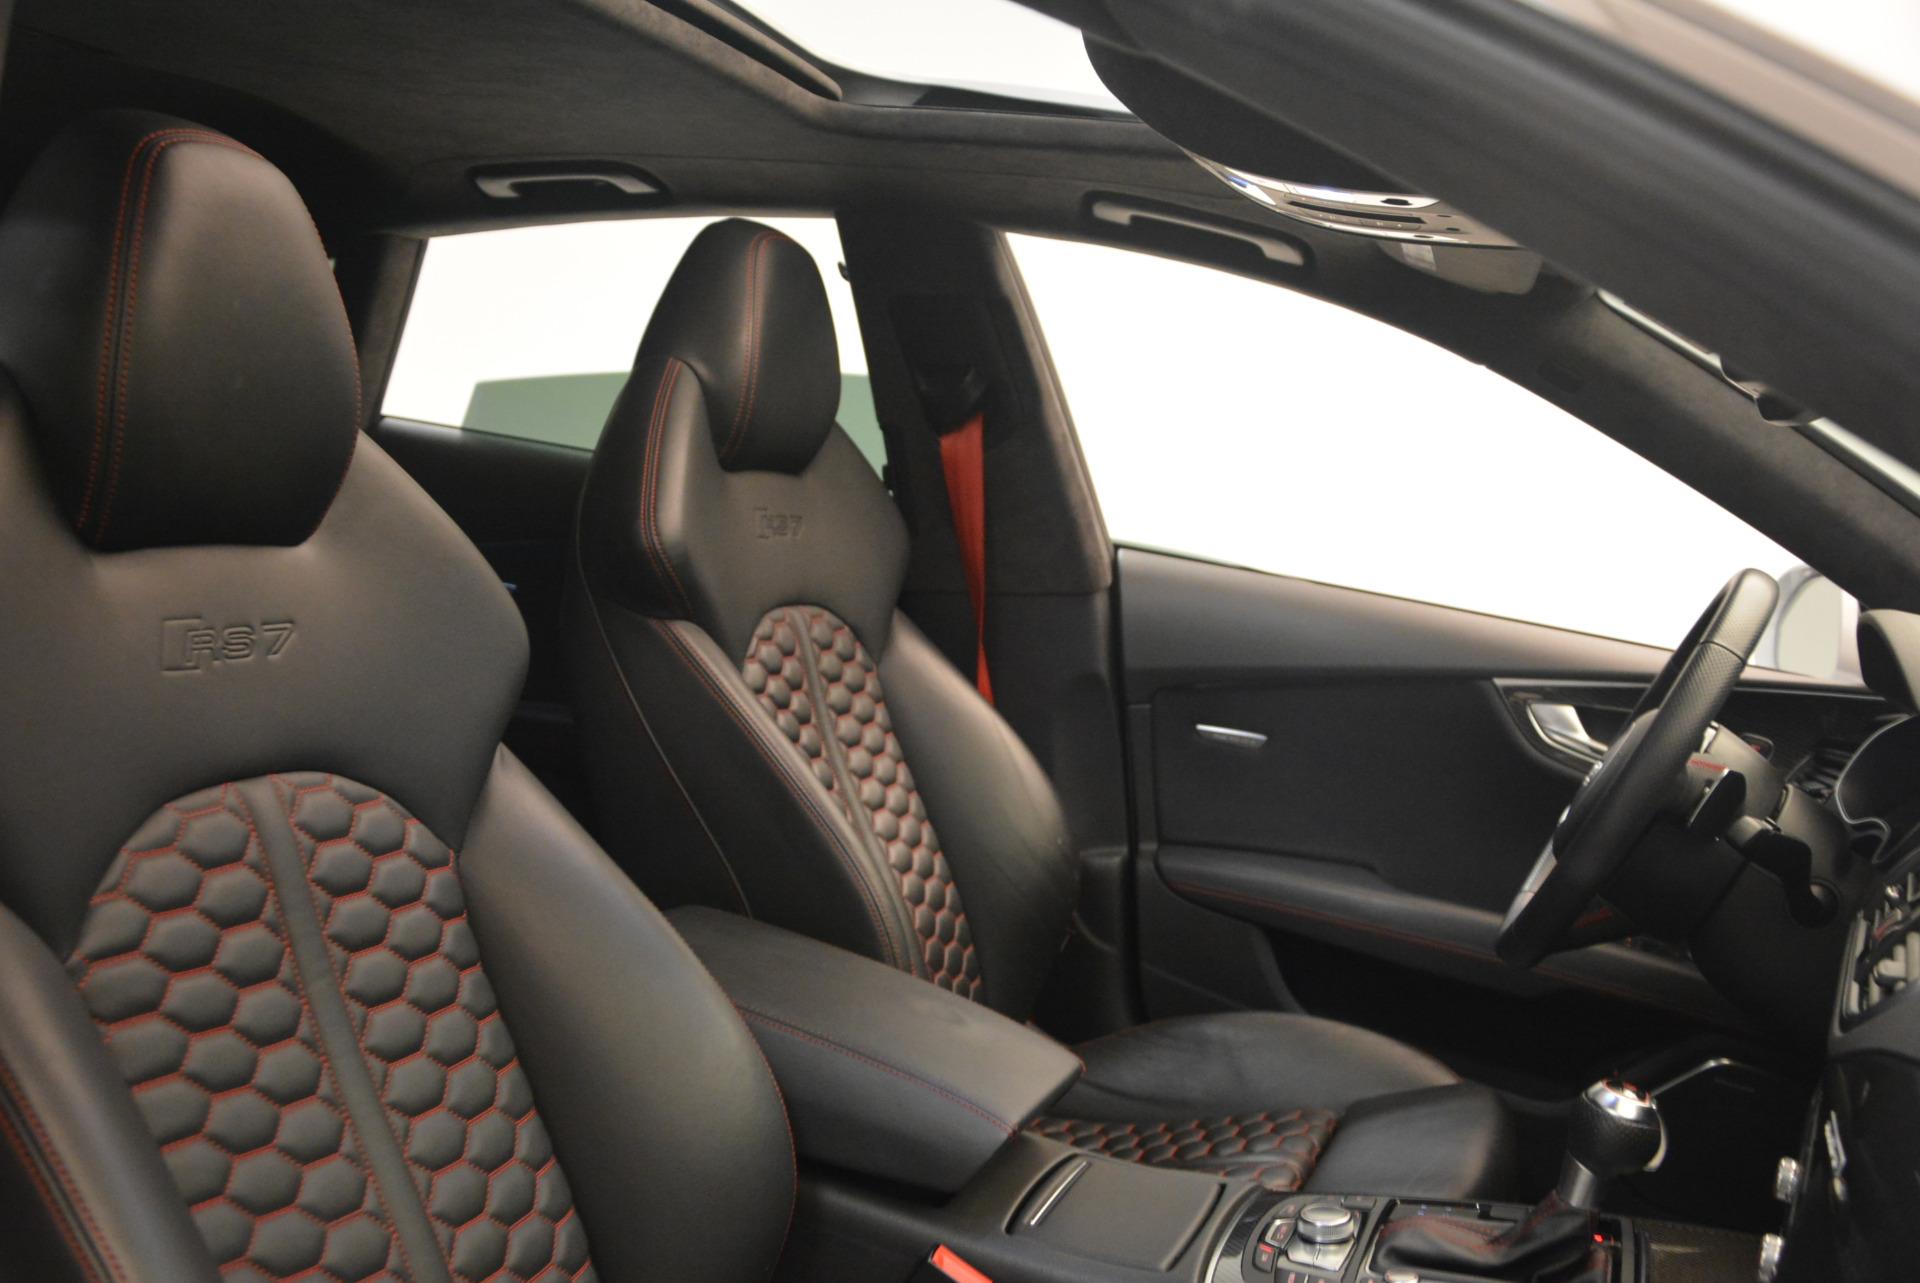 Used 2014 Audi RS 7 4.0T quattro Prestige For Sale In Greenwich, CT 1262_p43